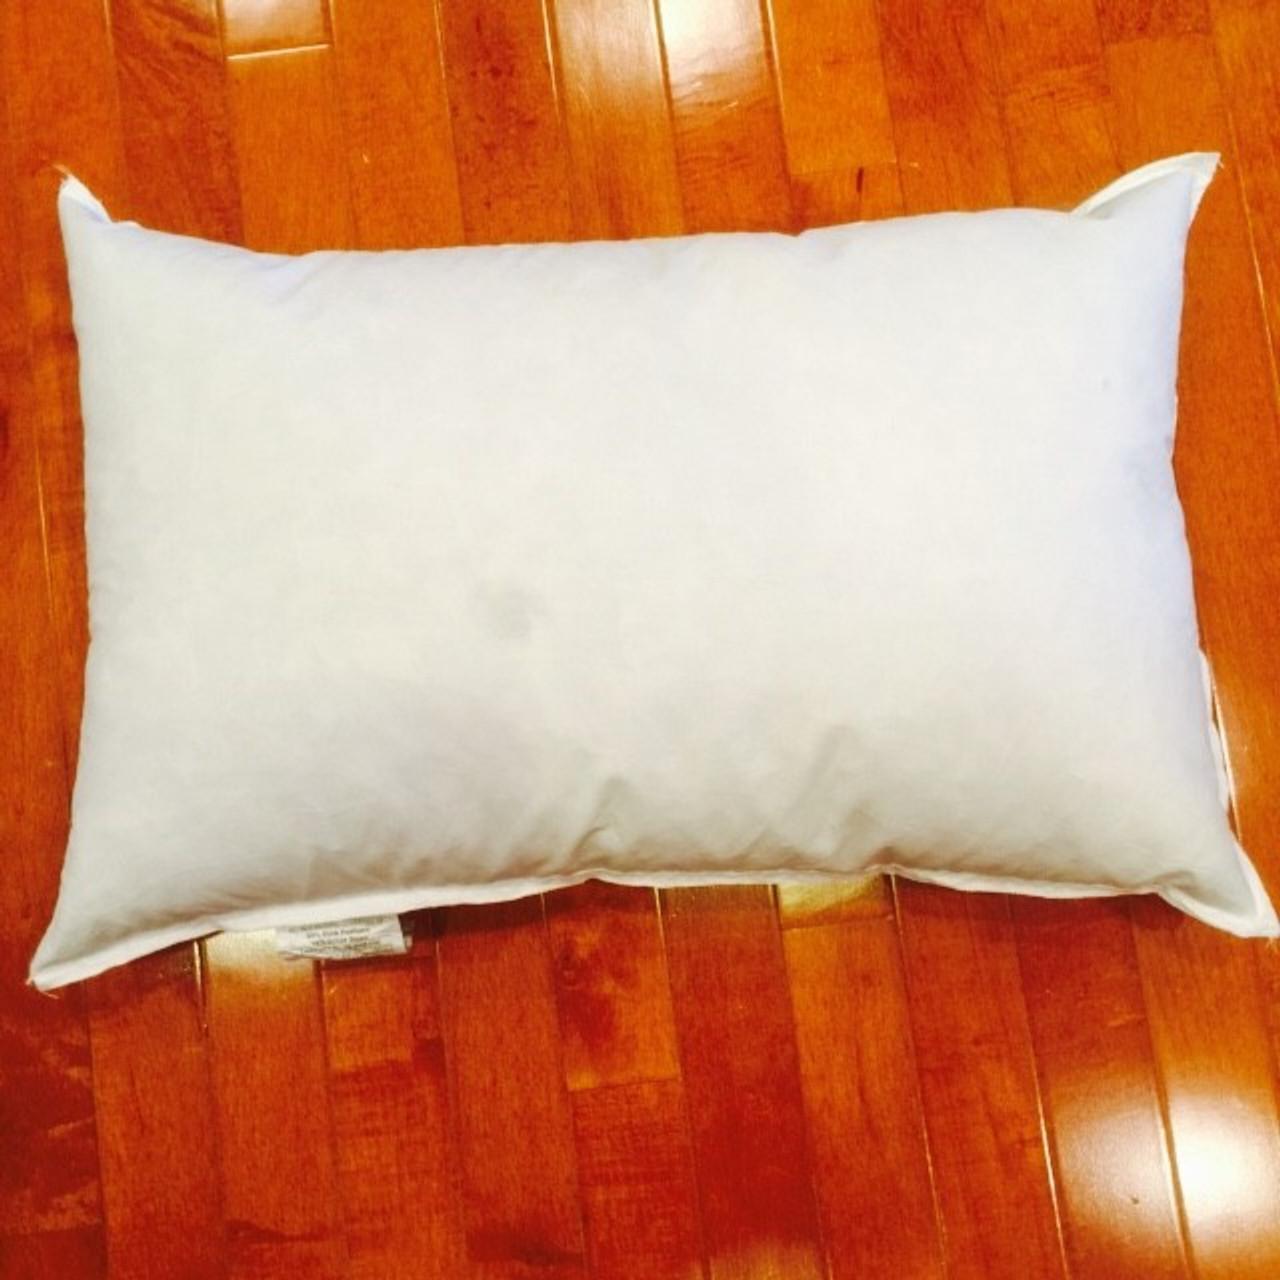 40 X 40 4040 Down Feather Pillow Form PillowCubes Inspiration 10 X 20 Pillow Insert